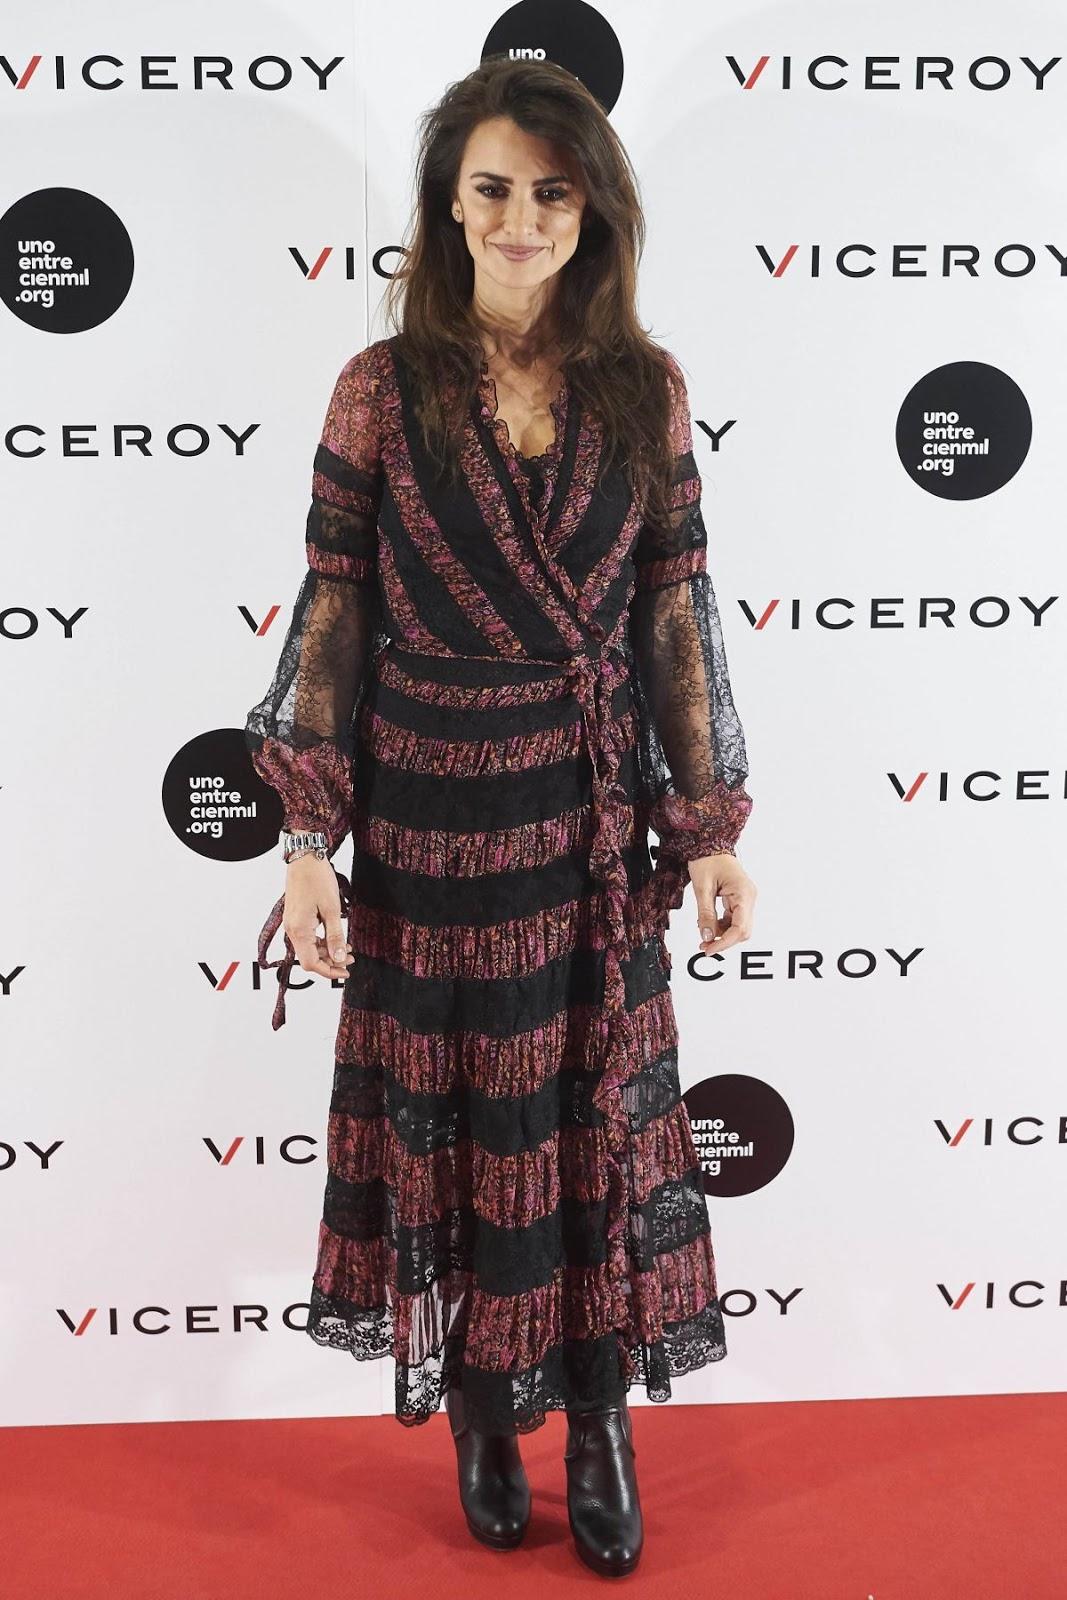 Zoolander No 2 actress Hot & Sexy Penelope Cruz at Soy Uno Entre Cien Mil Photocall at Academia De Cine in Madrid